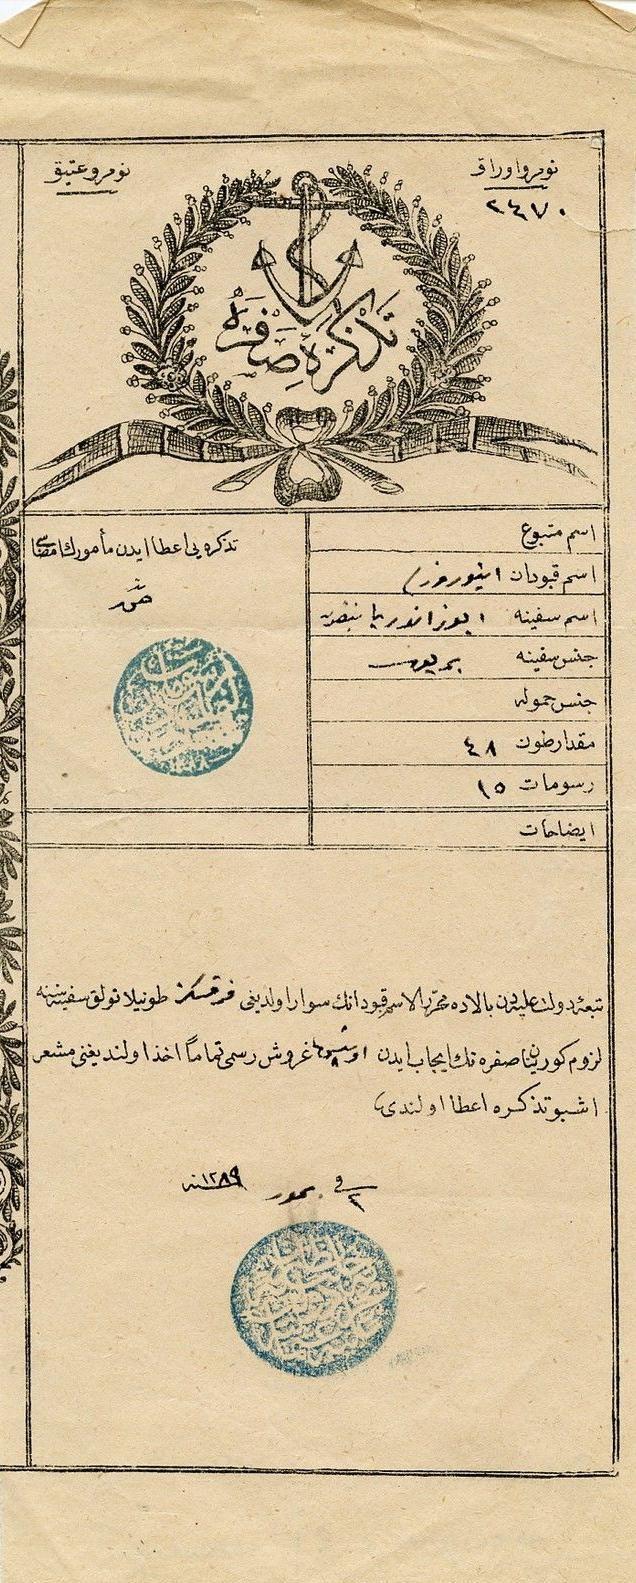 [Ottoman Empire] A Maritime Document, 1872 (Bir Osmanlı Denizcilik Belgesi, 1872)